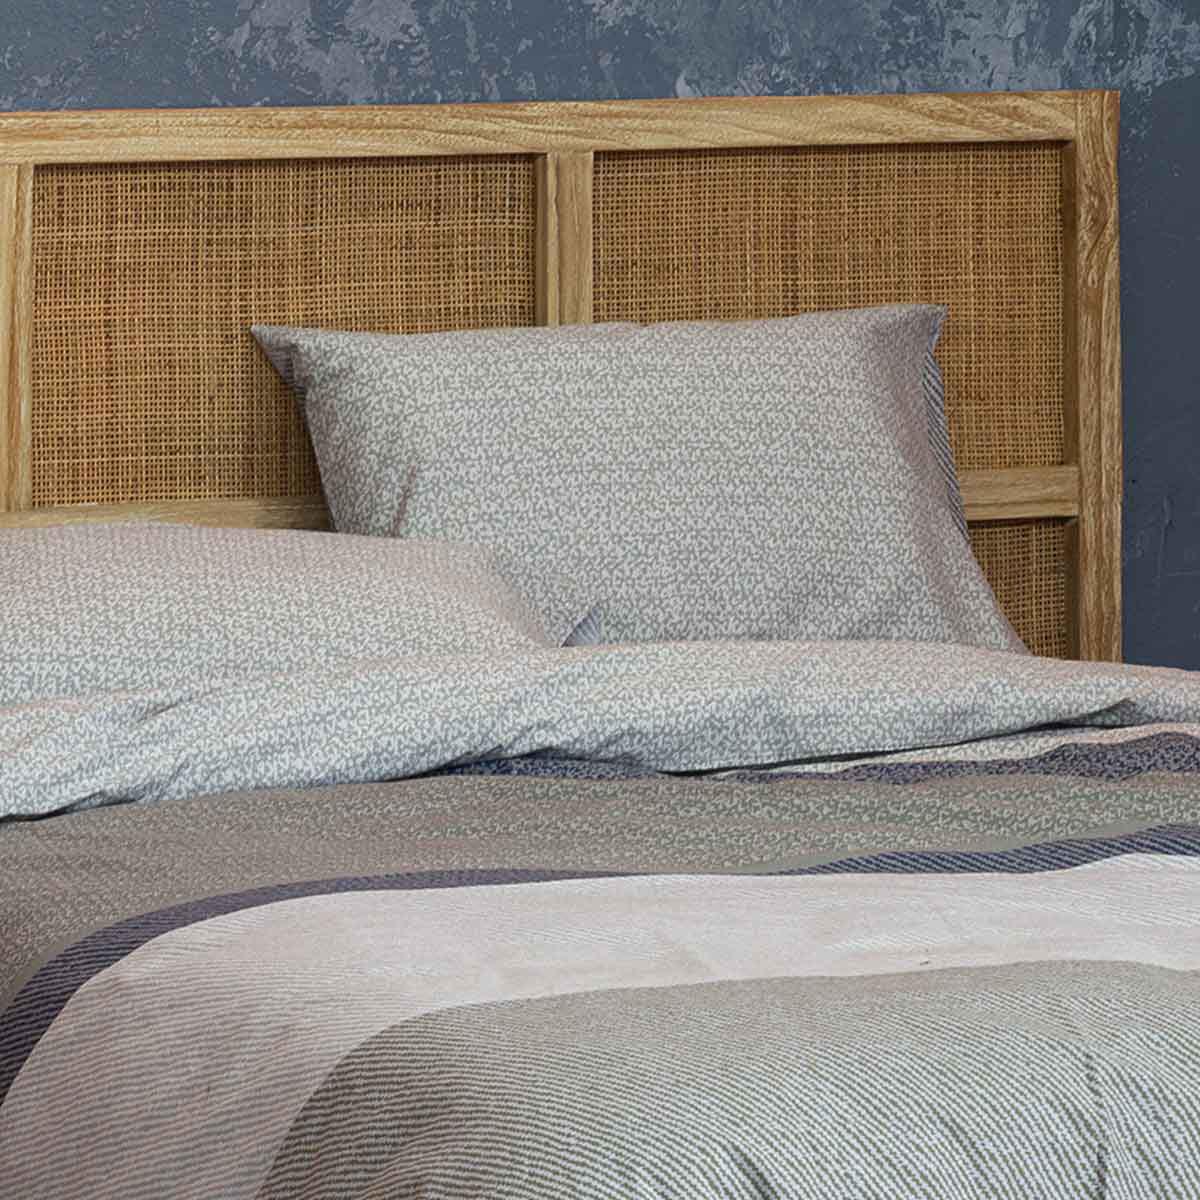 Ζεύγος Μαξιλαροθήκες Nima Bed Linen Frame Grey